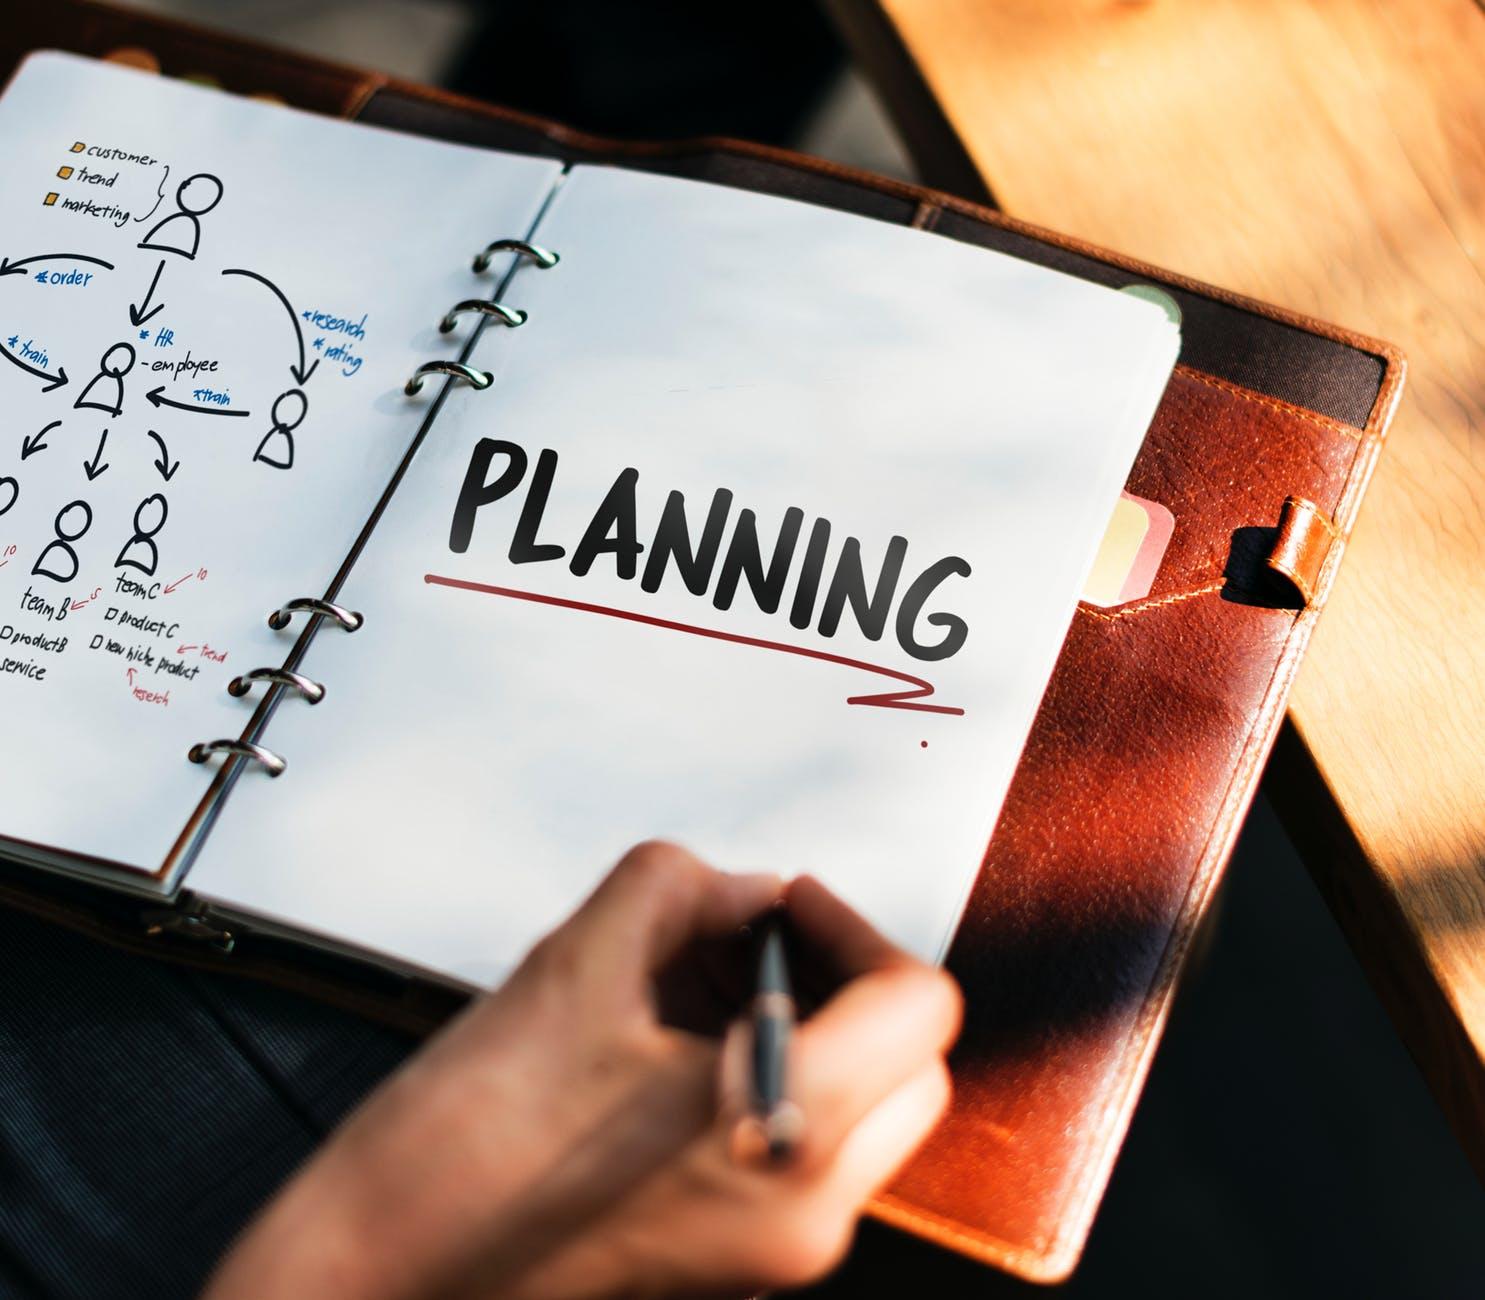 办公用品销售电子商务系统解决方案,充分挖掘办公用品销售市场潜力